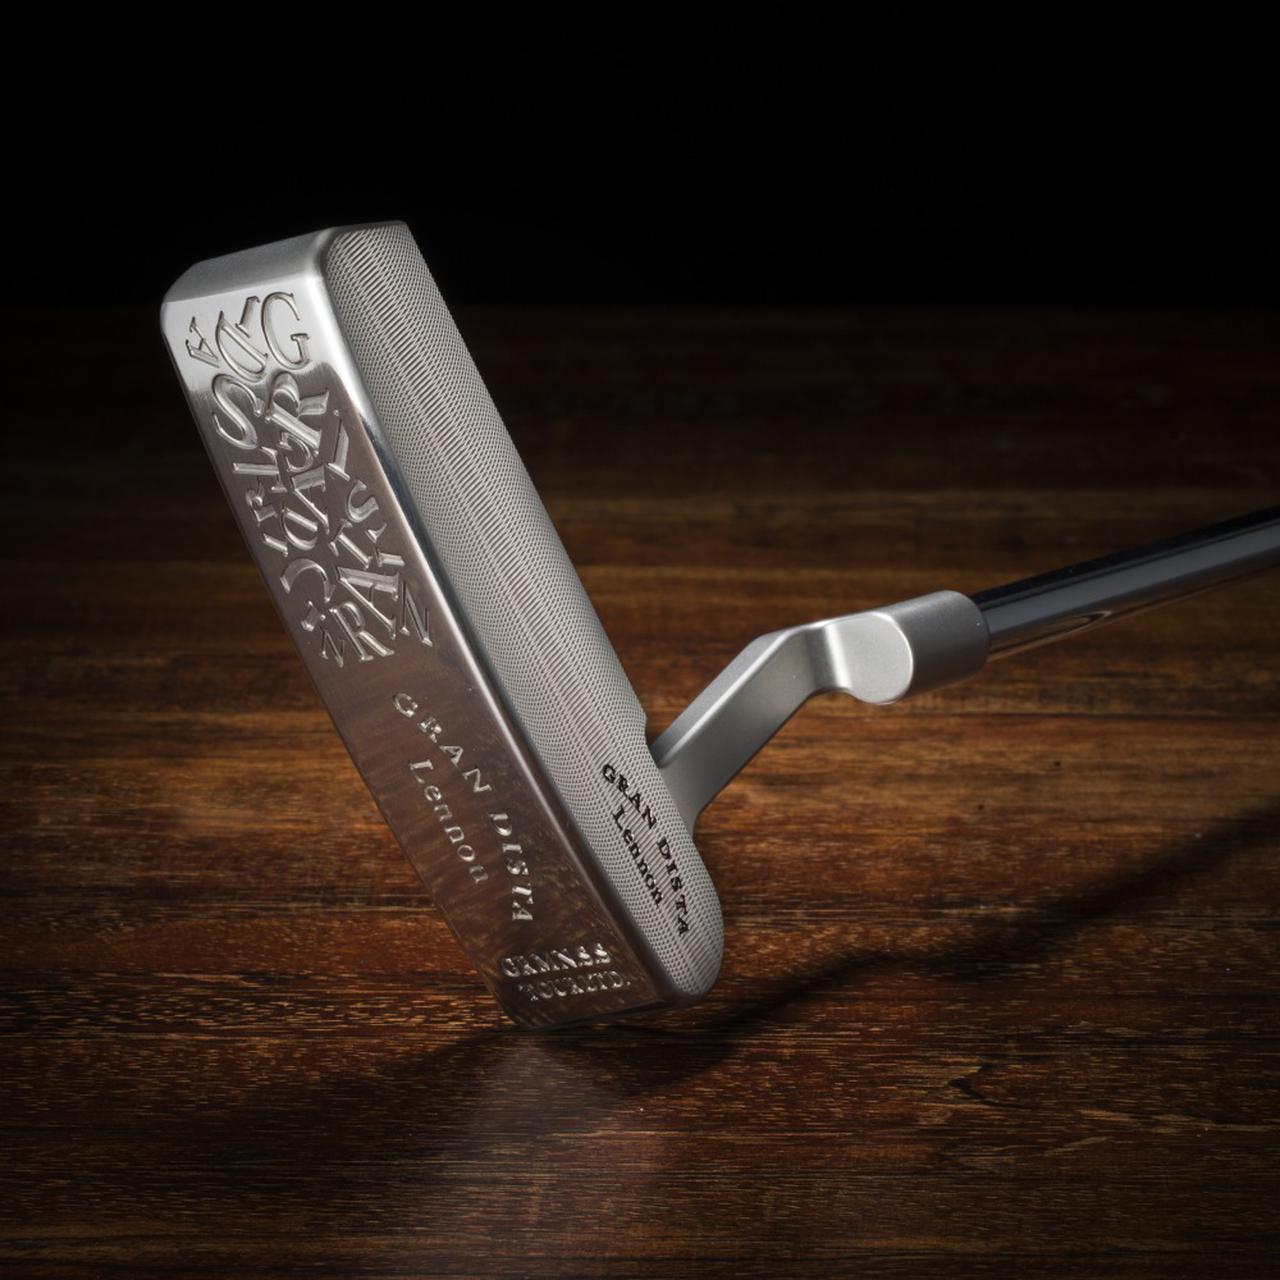 画像1: ジャーマンステンレススチール製「グランディスタ レノン パター」最高の打感。最高の音。 ゴルフダイジェスト公式通販サイト「ゴルフポケット」